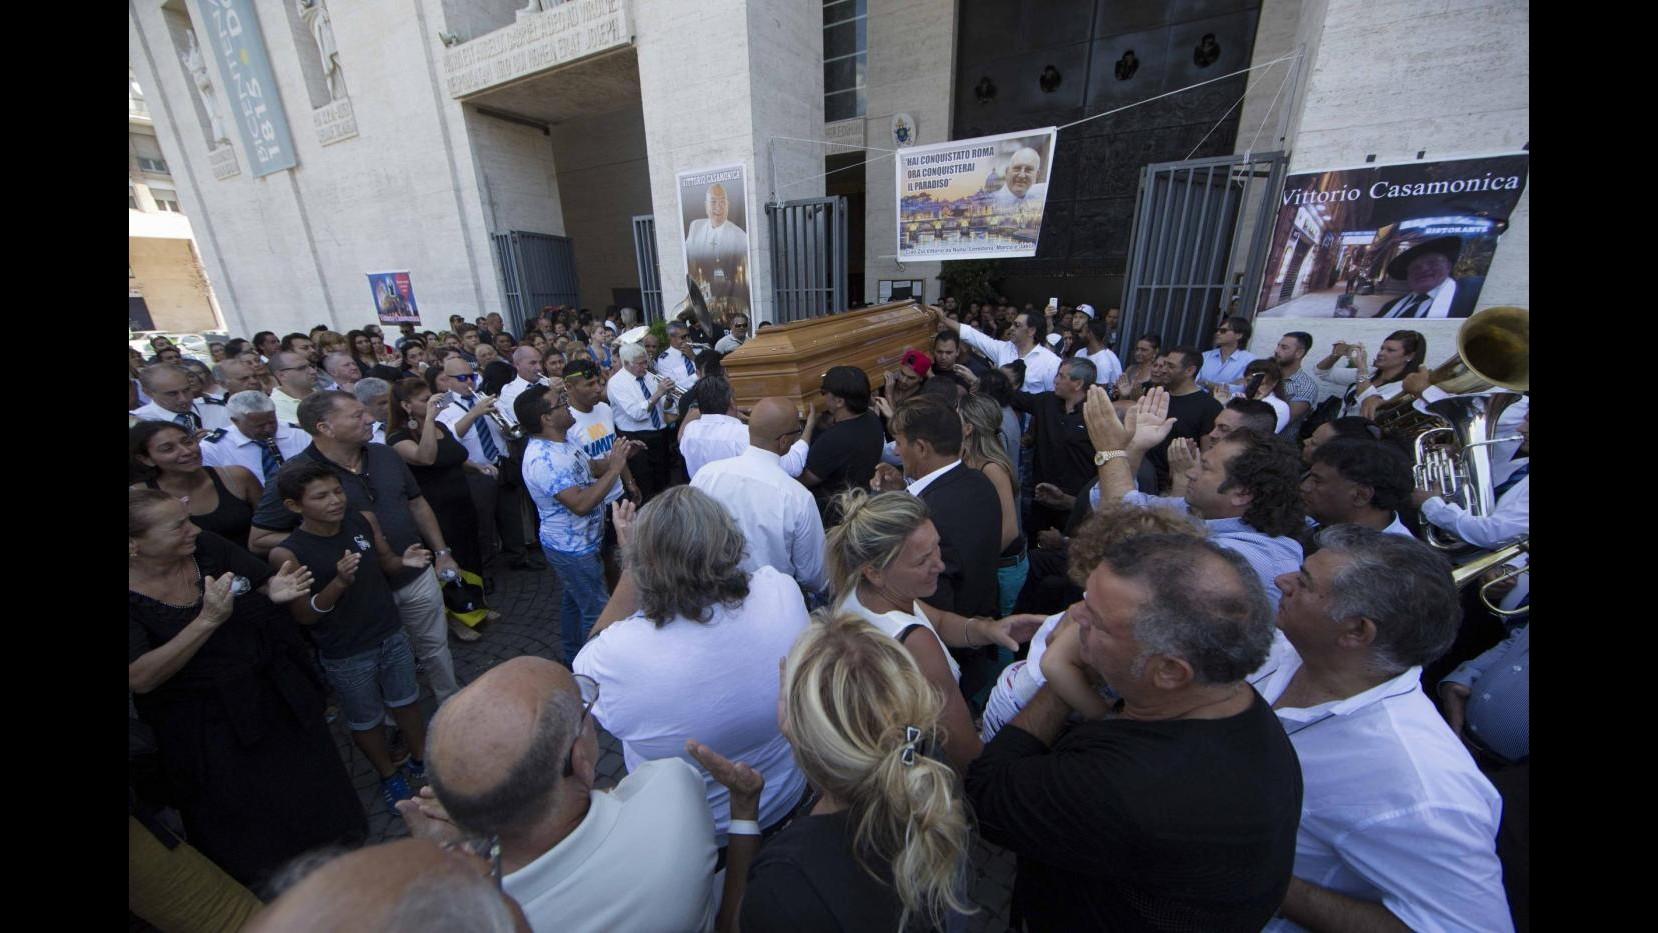 Funerali Casamonica, agenzia pompe funebri: organizzato noi funerale